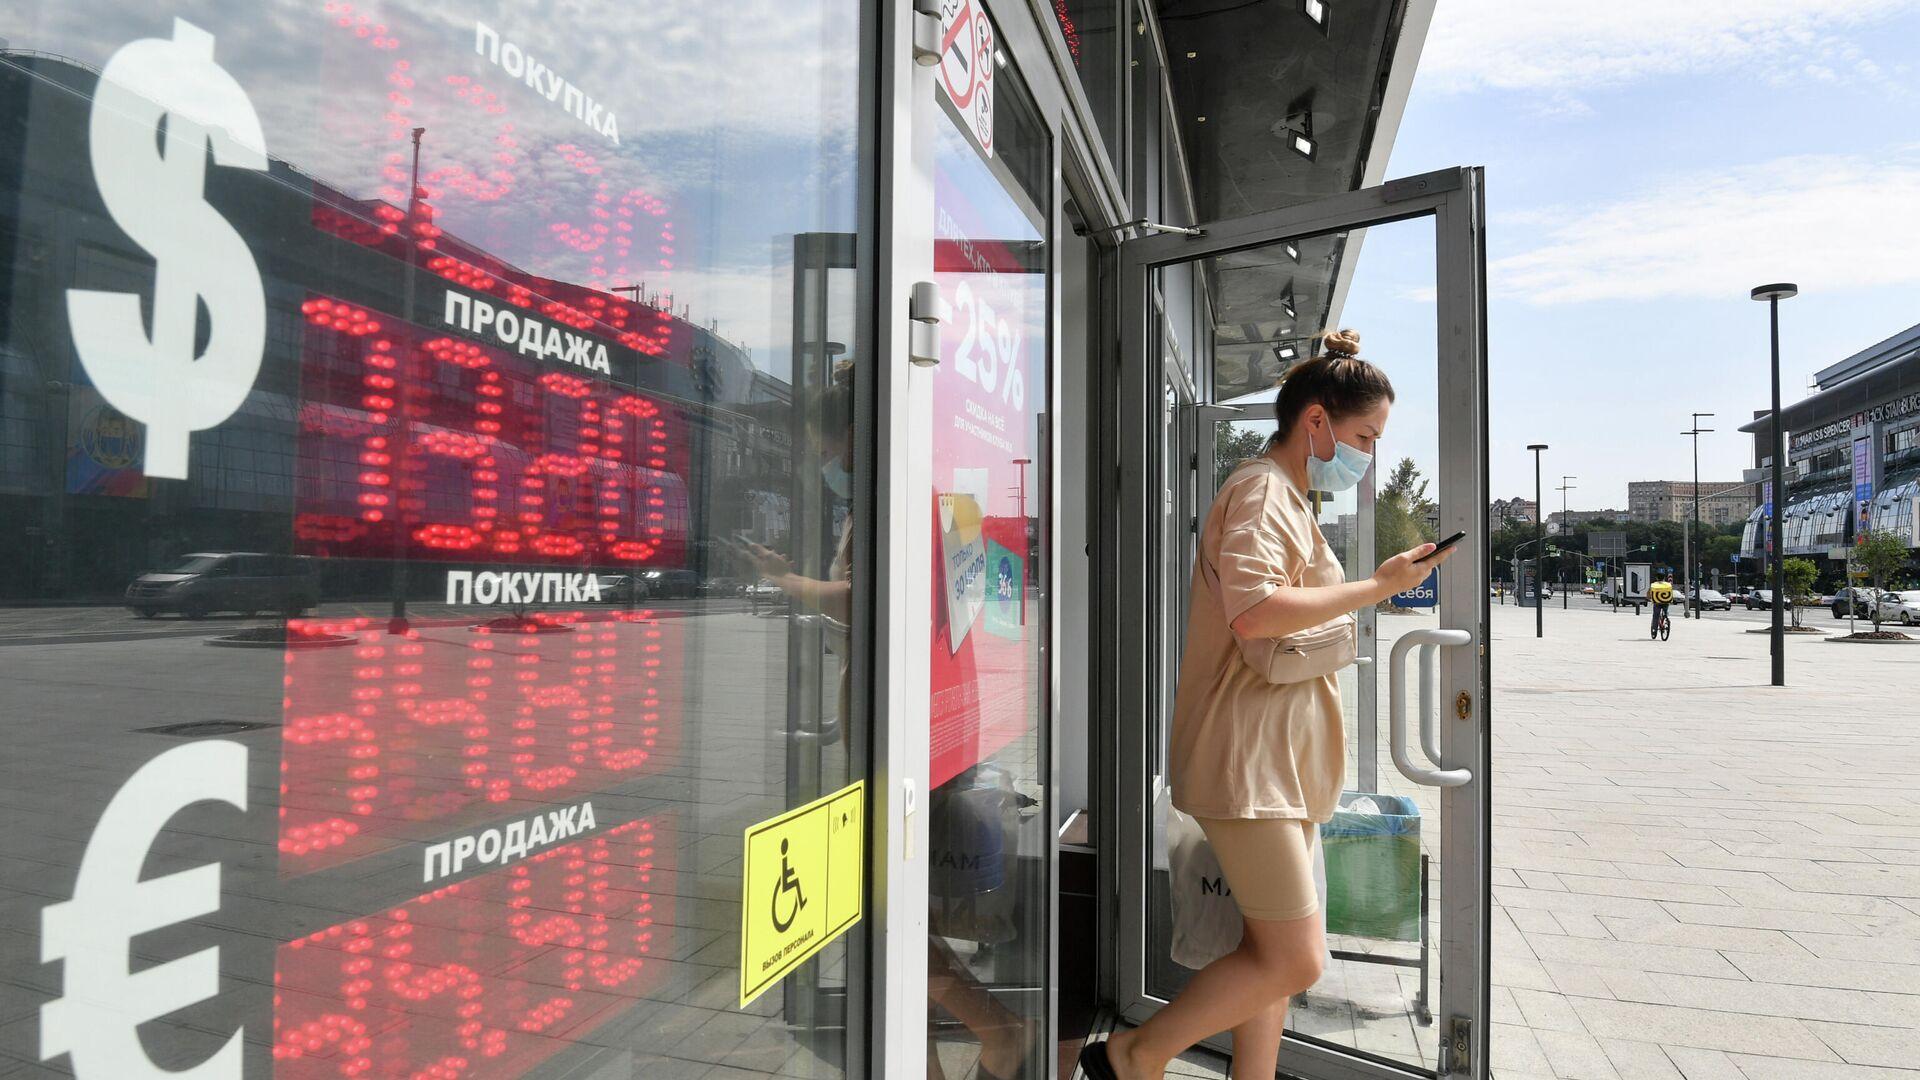 Электронное табло с курсами валют в Москве - РИА Новости, 1920, 02.07.2021